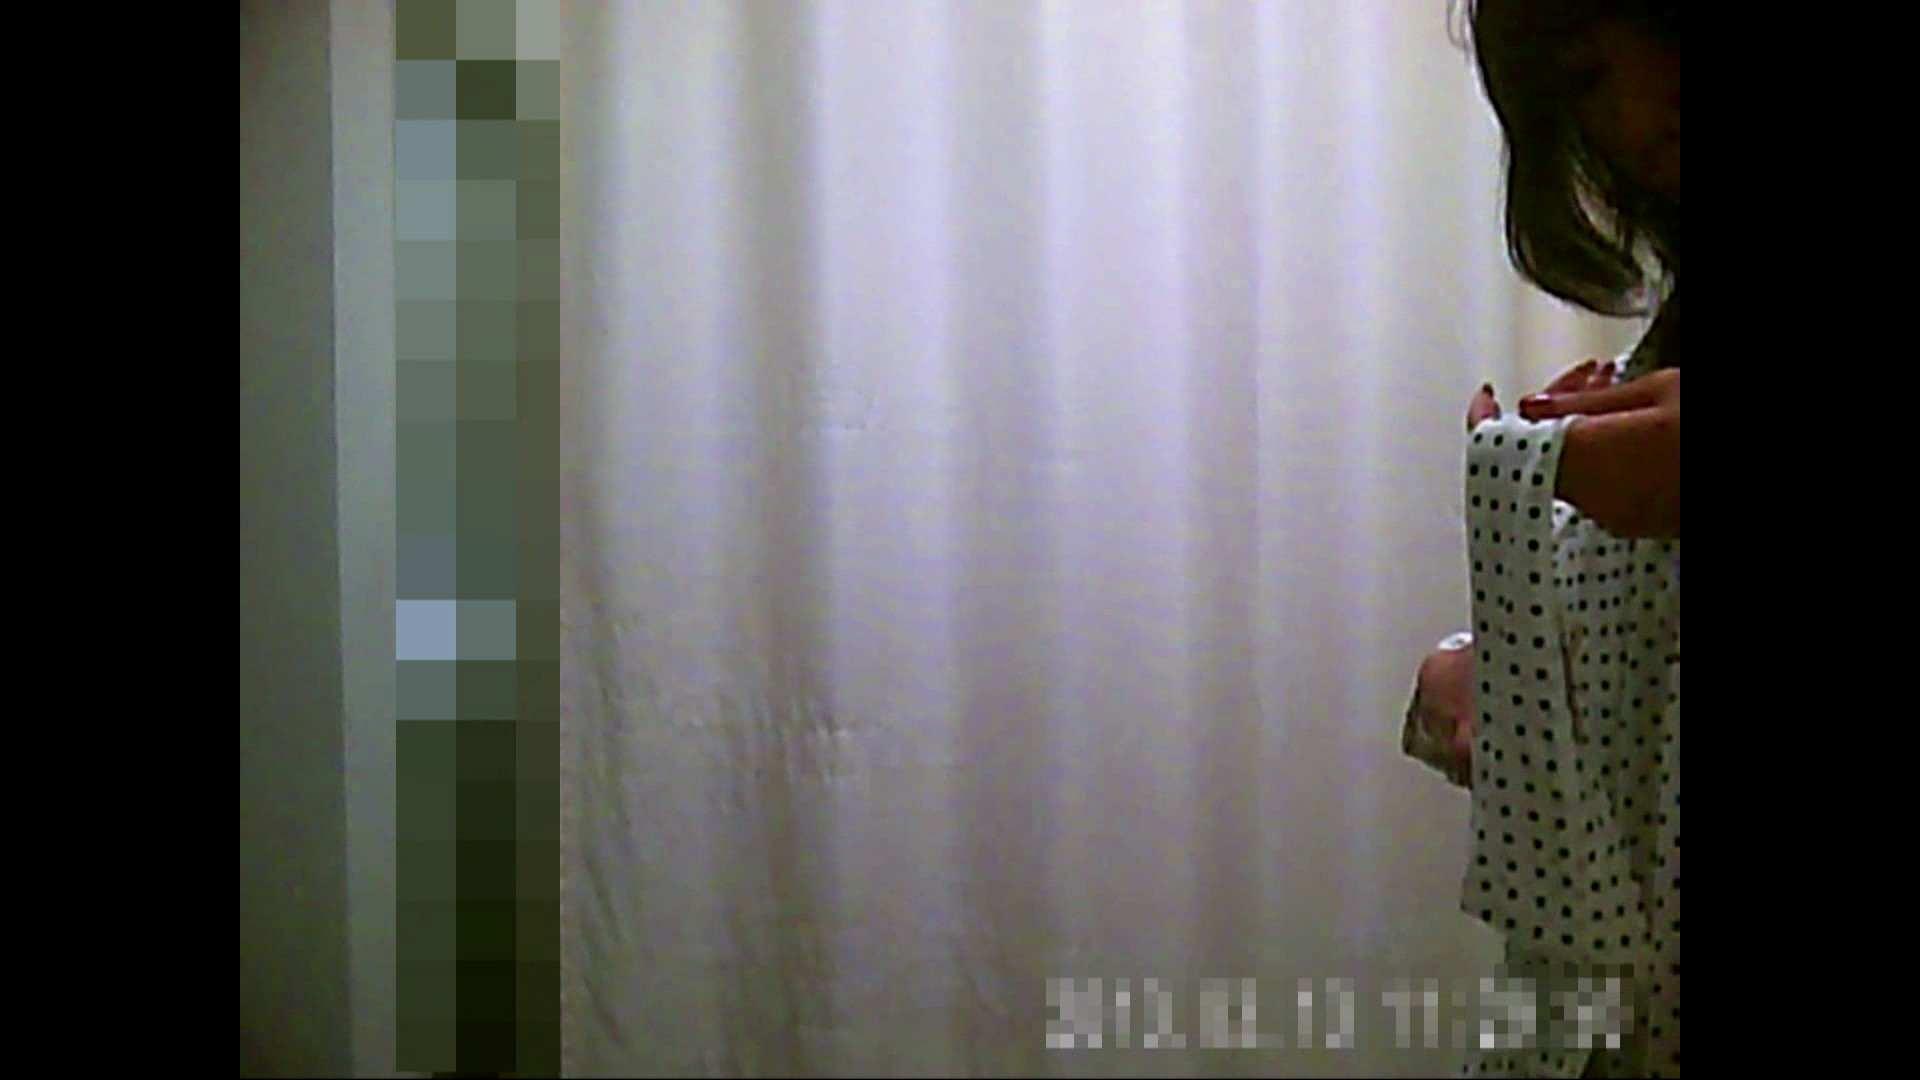 病院おもいっきり着替え! vol.199 おっぱい 盗撮画像 106画像 83